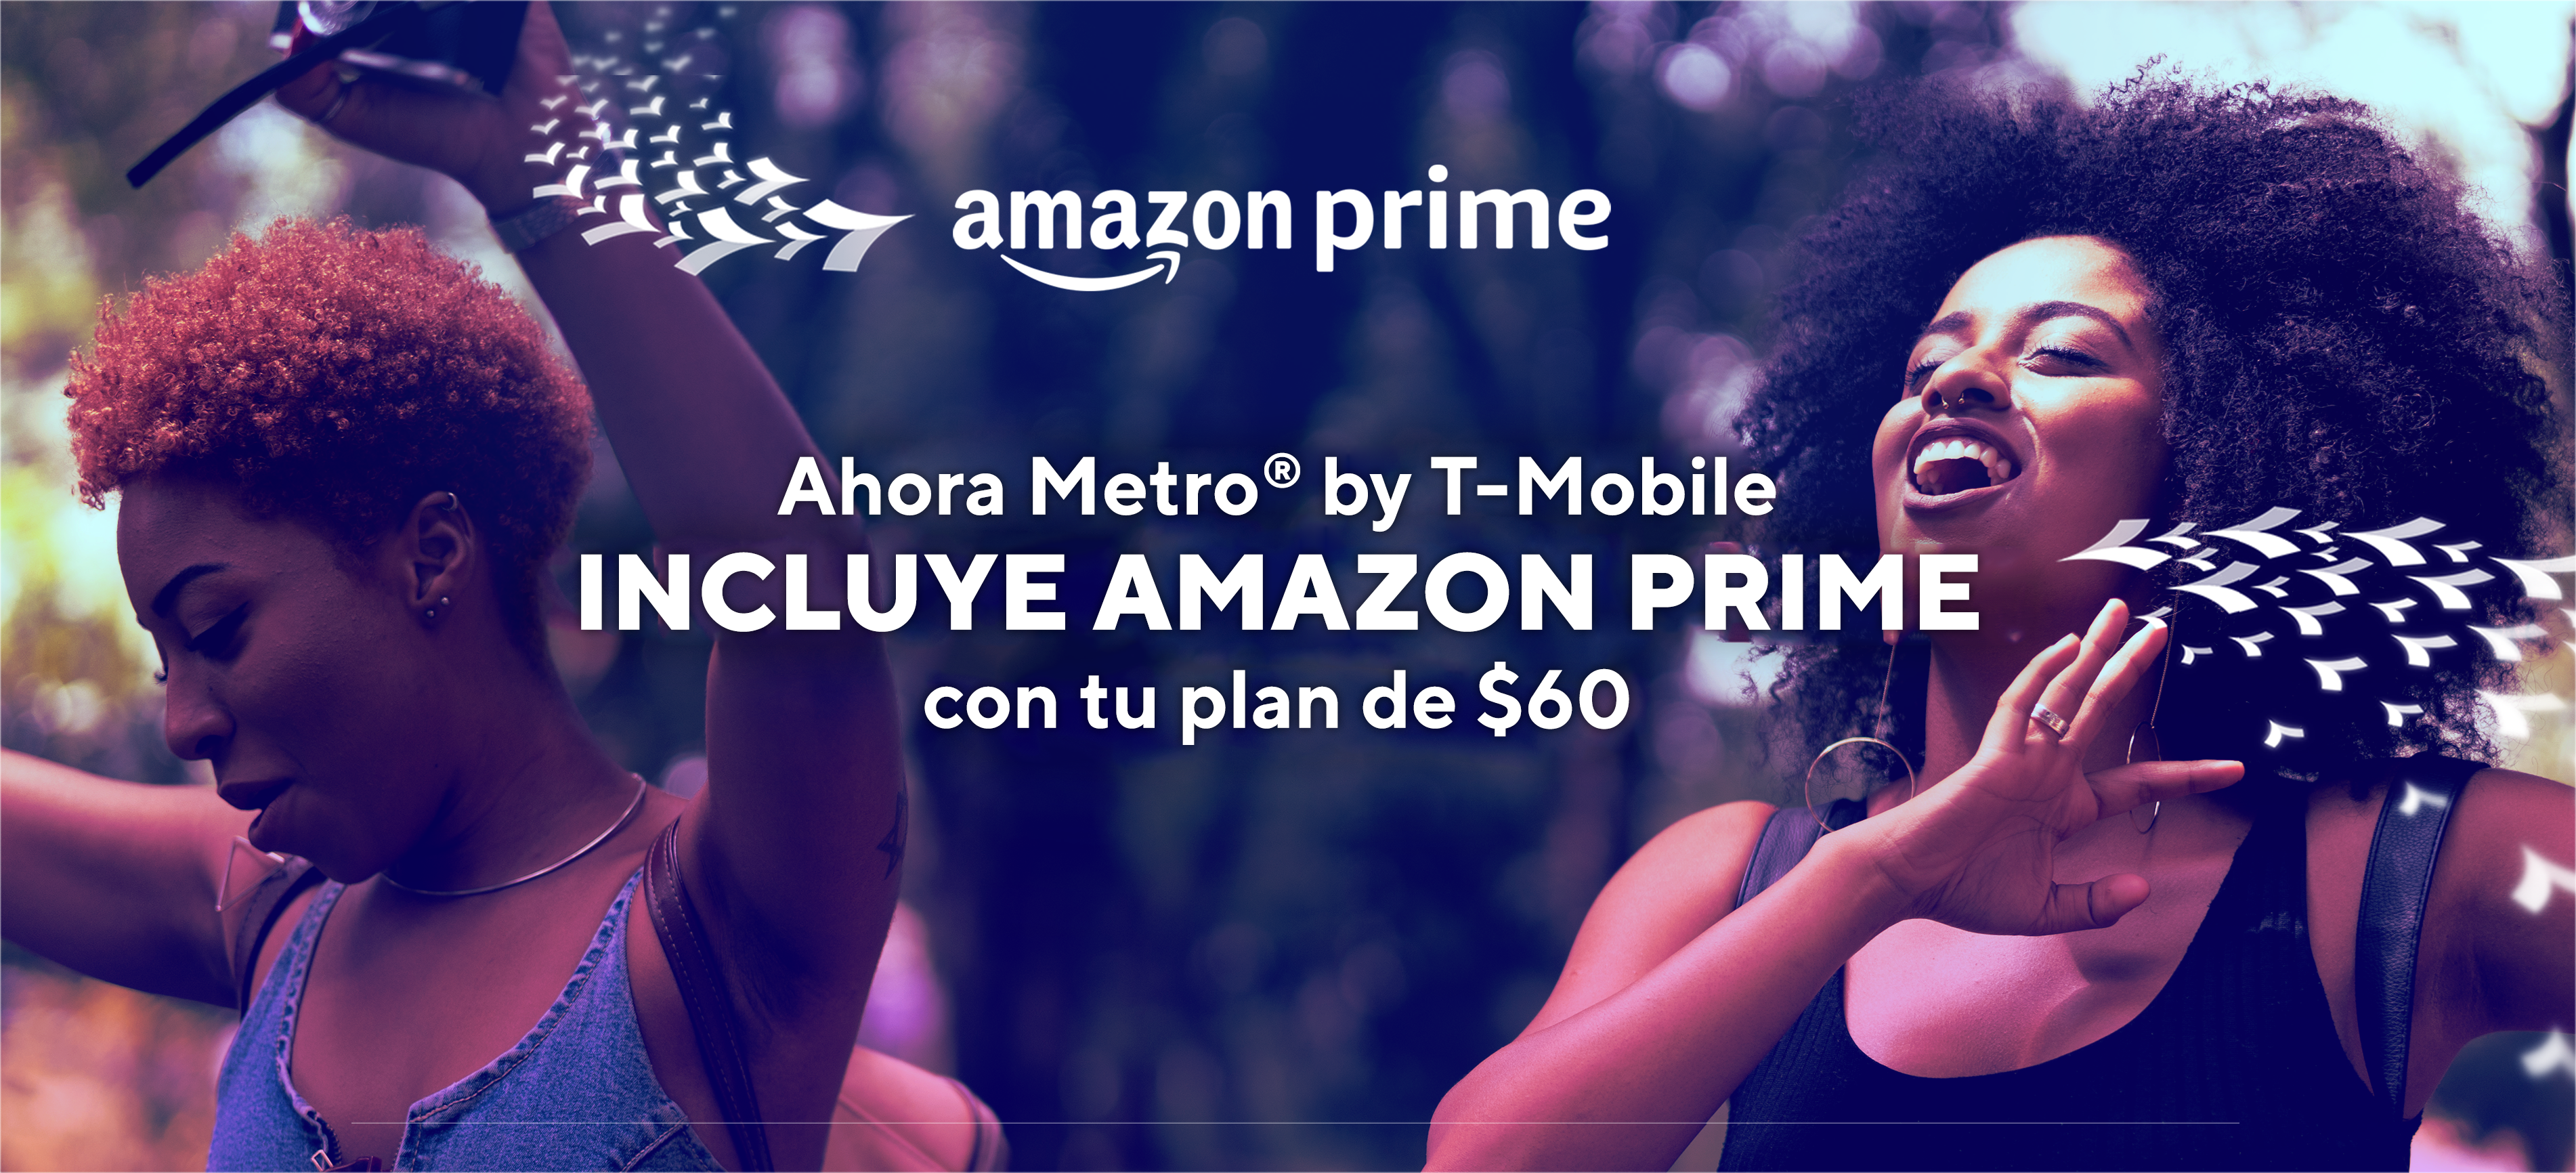 Amazon Prime. Ahora Metro by T-Mobile incluye Amazon Prime con tu plan de $60.